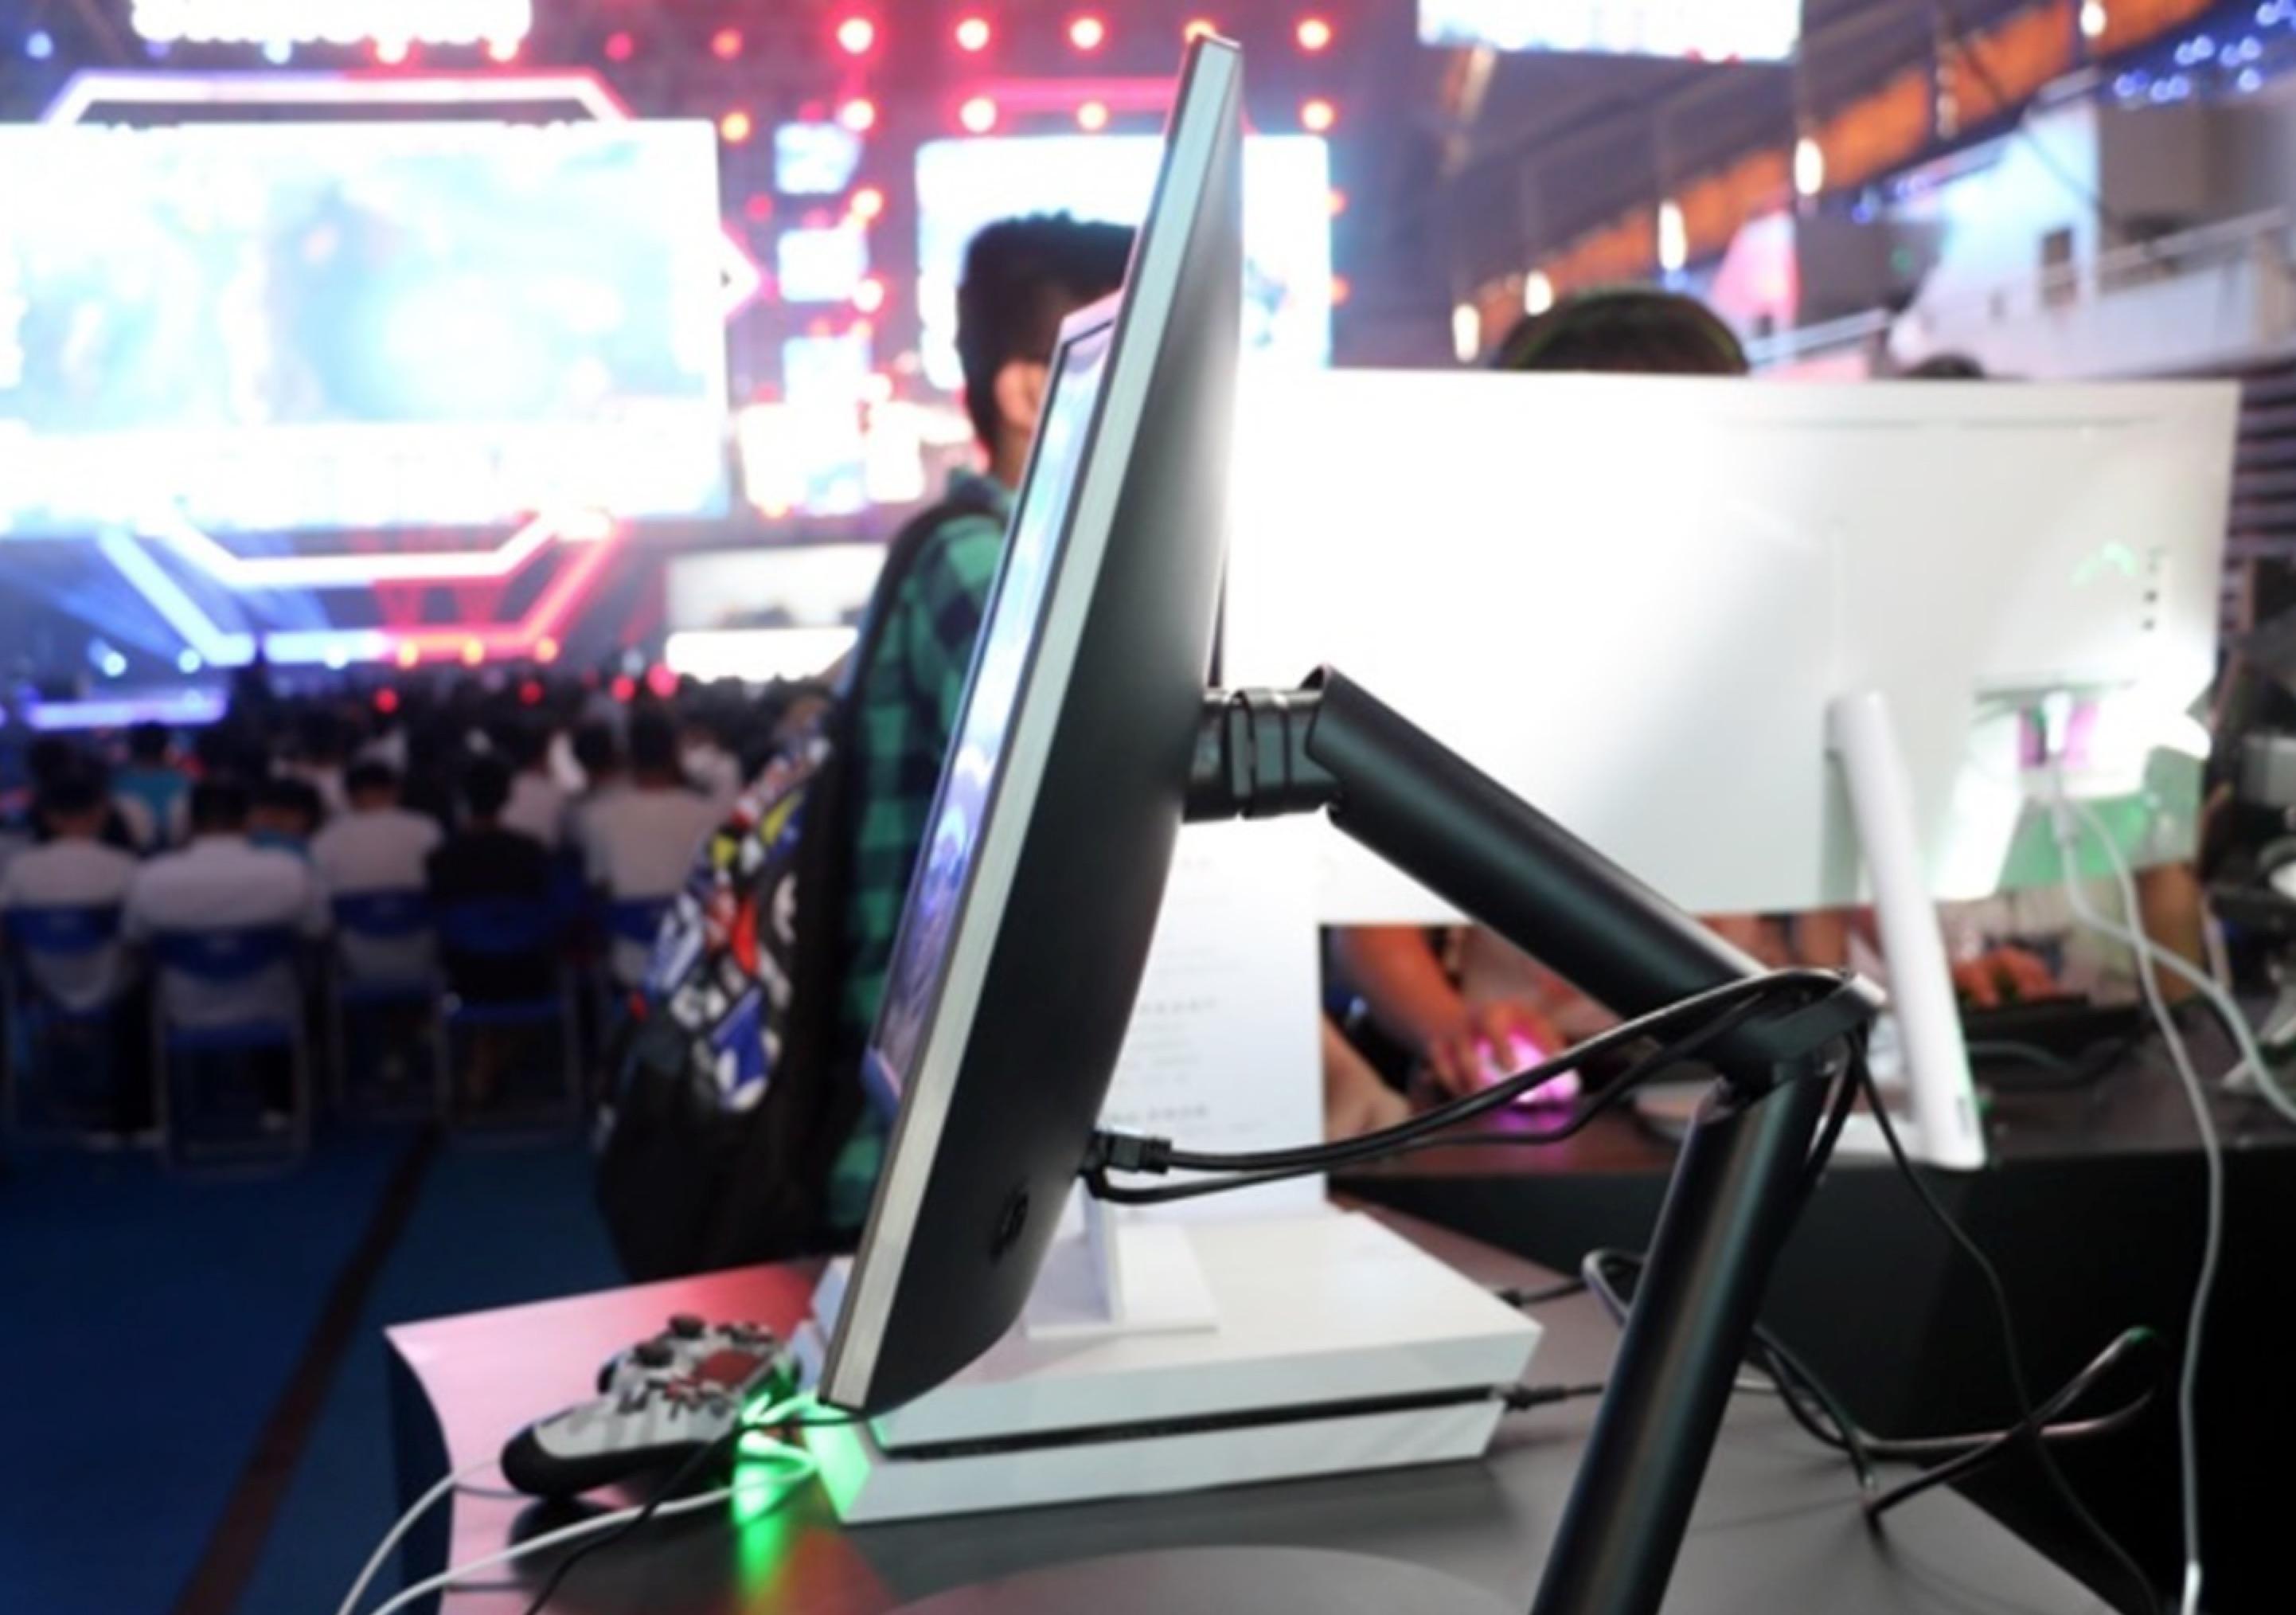 电竞显示装备定制化将会掀起怎样的革命性风暴?